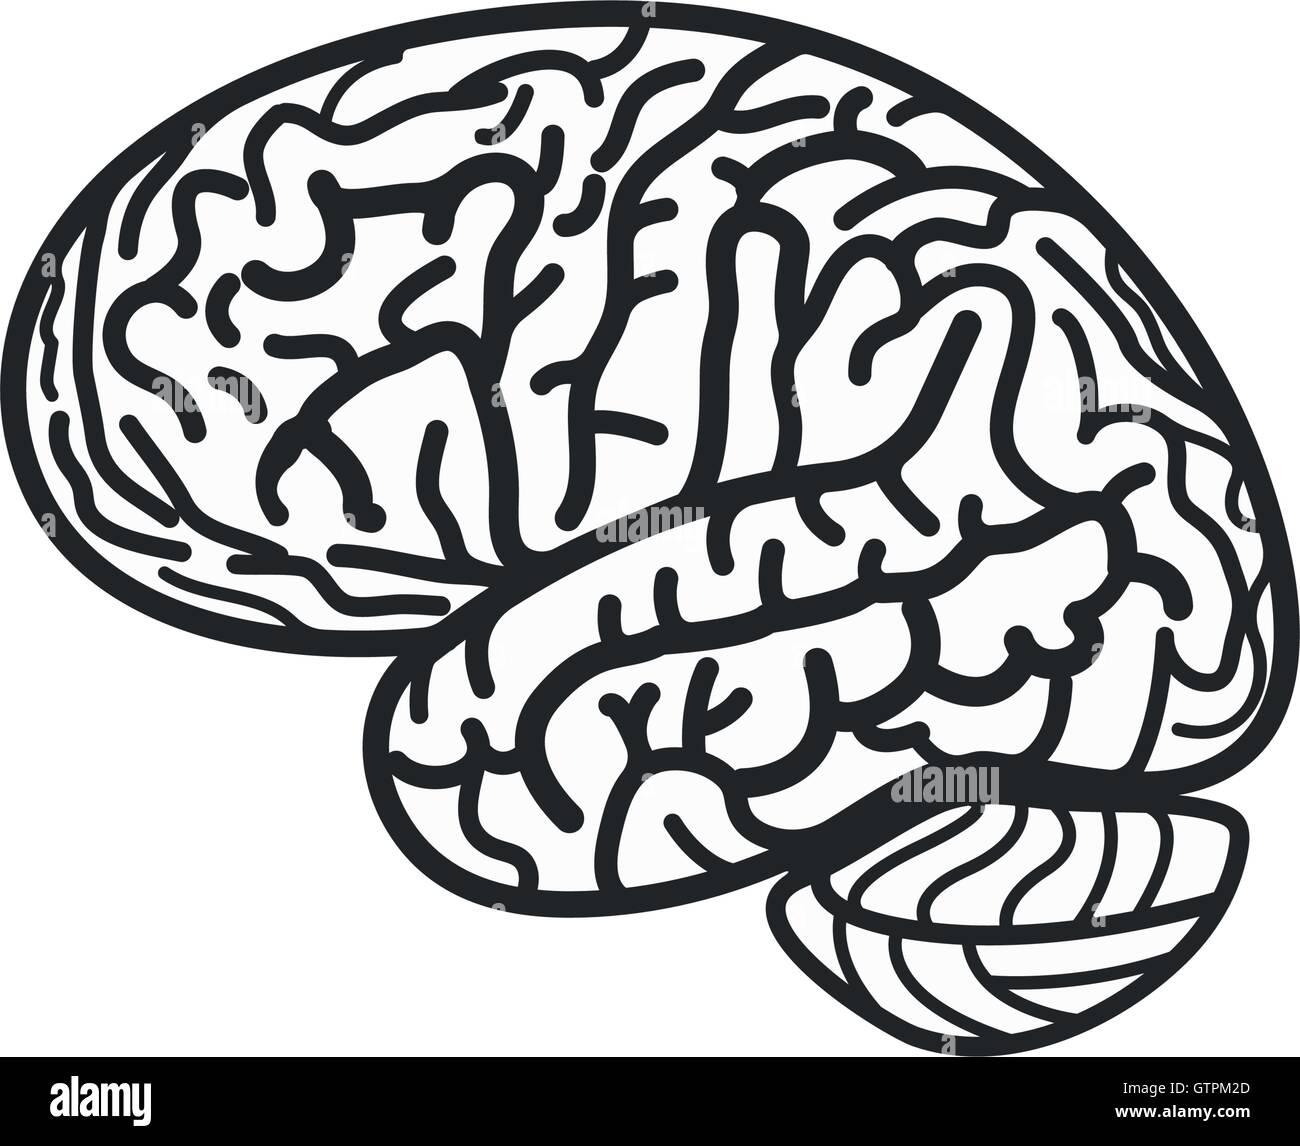 Blanco y negro aislado de contorno cerebral vector logo. Logotipo de silueta girus (flecha). Ilustración de Imagen De Stock